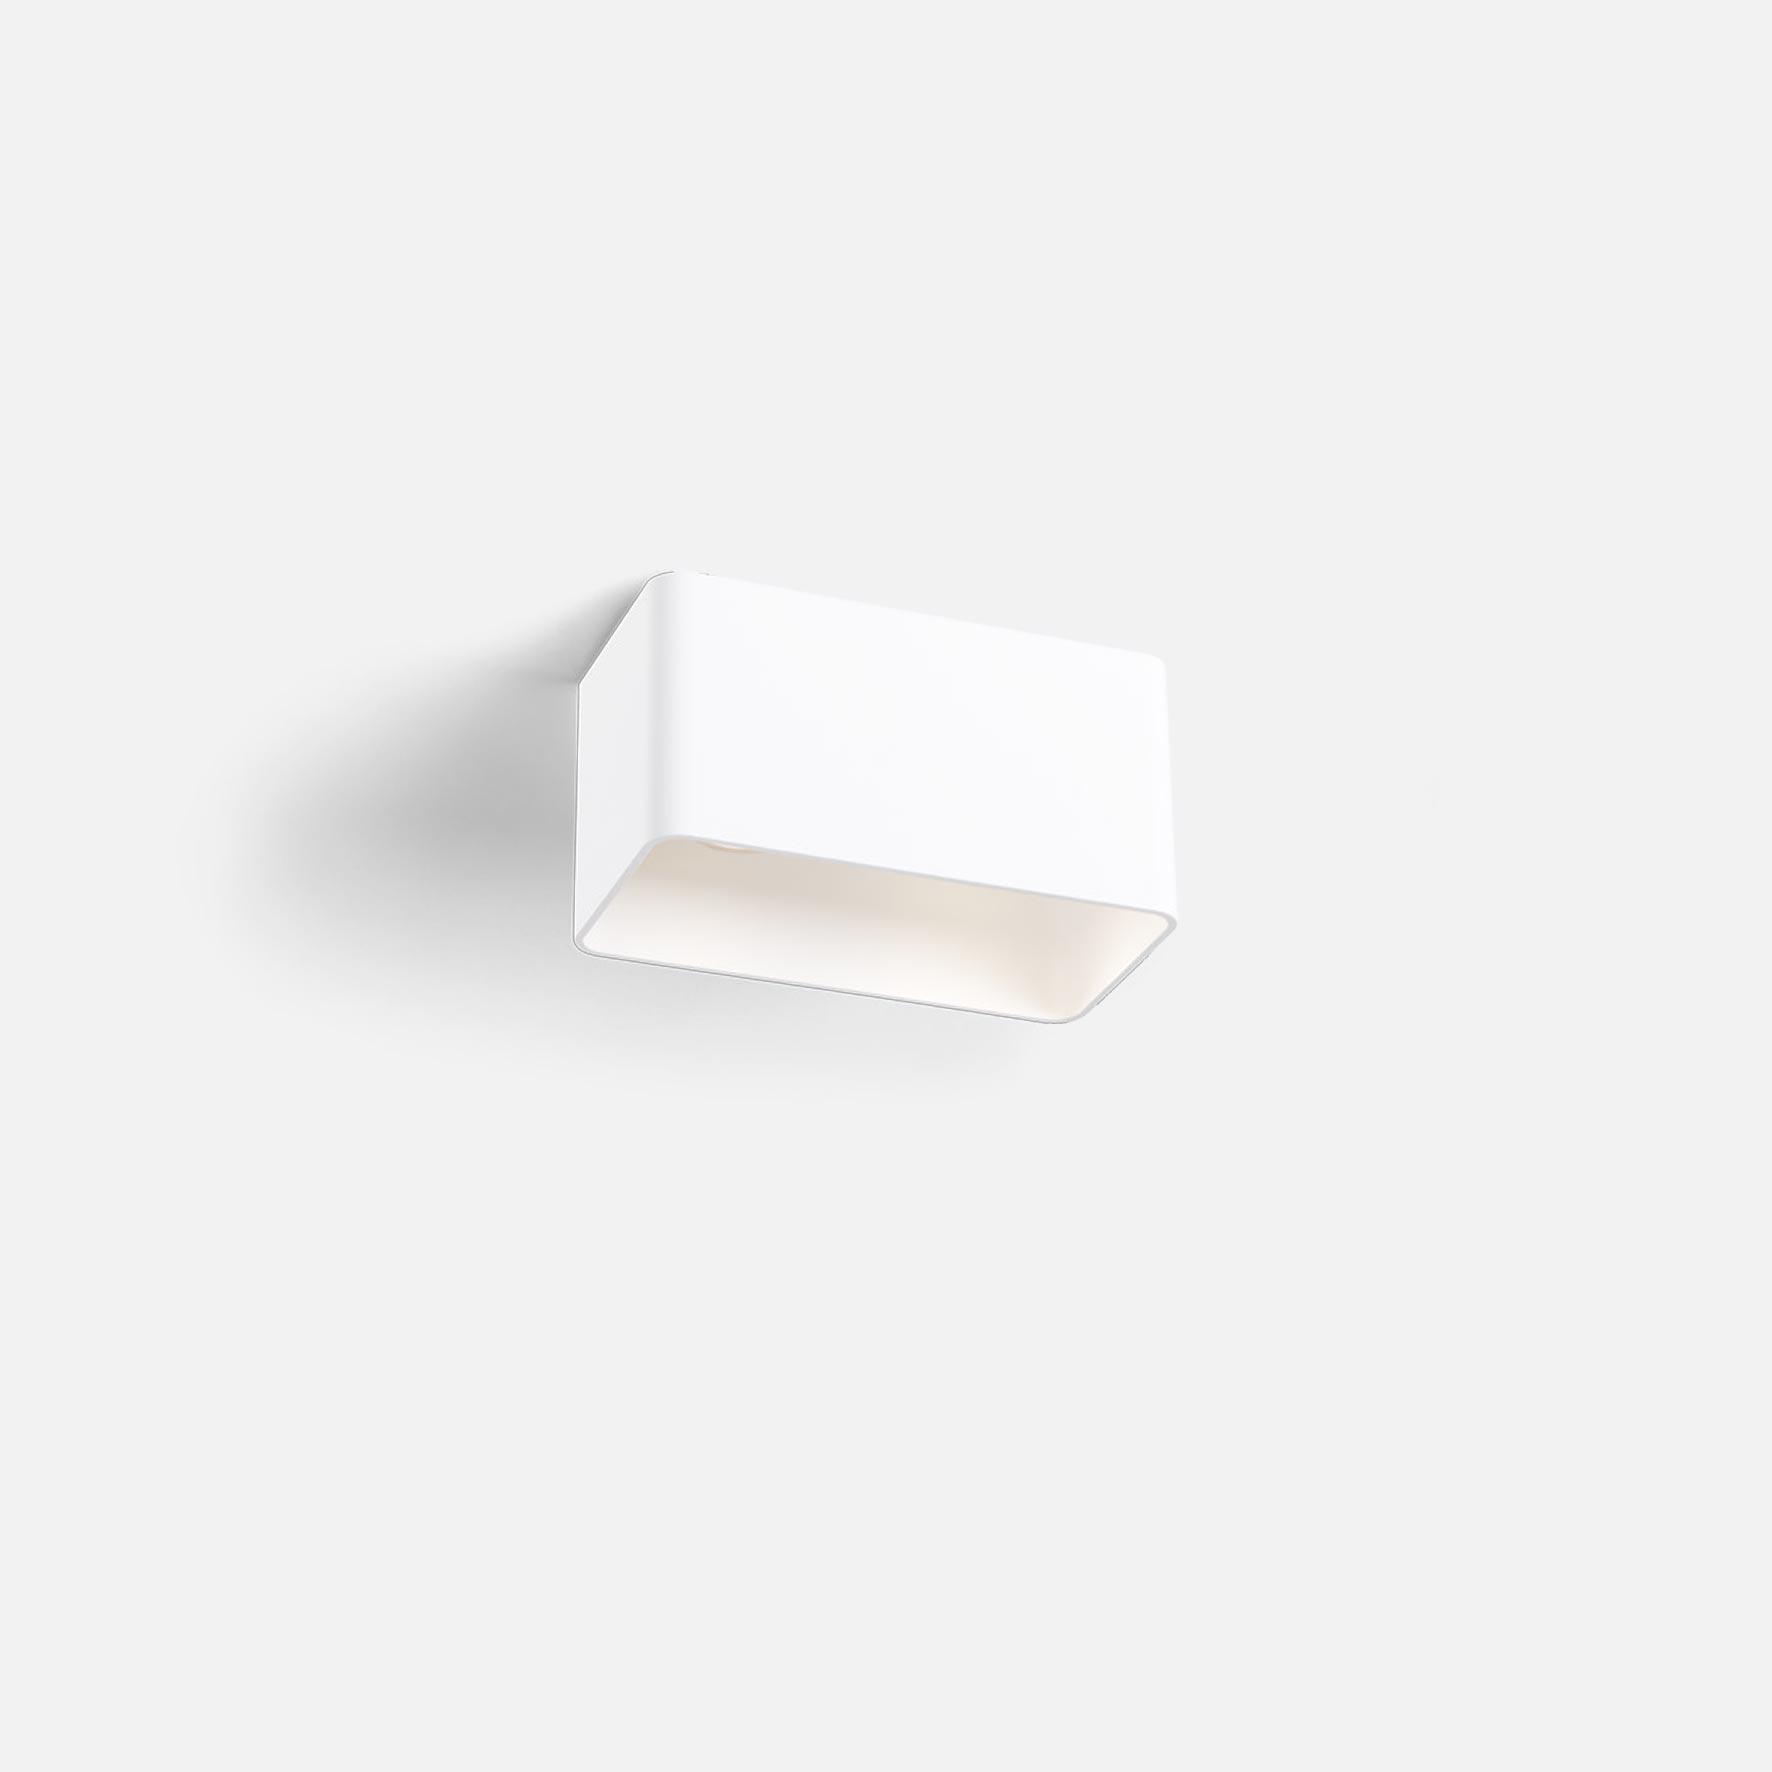 Docus 2.0 led white texture 3000k